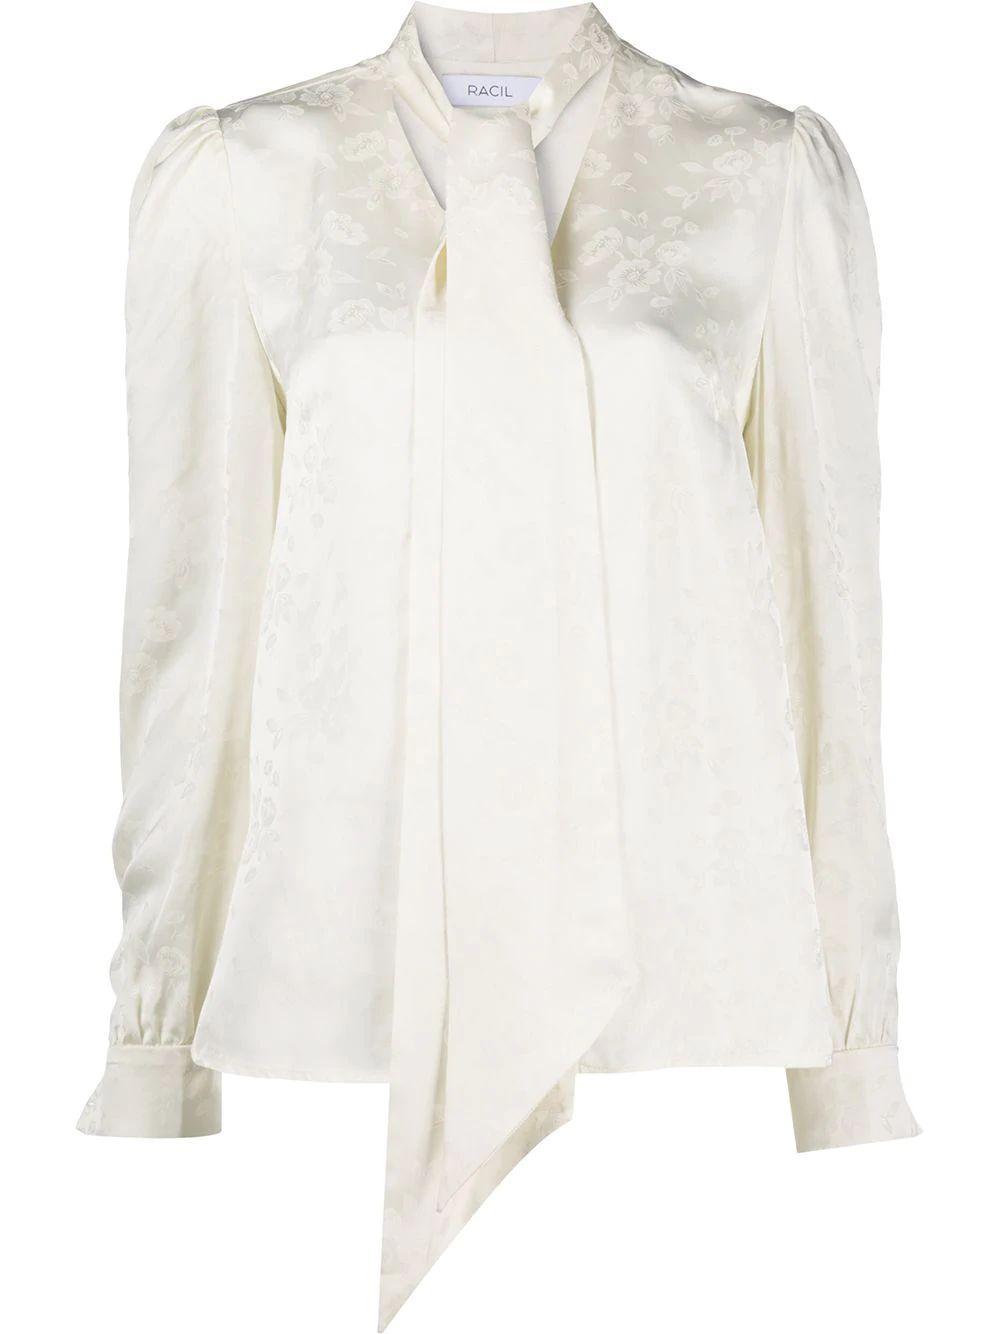 Solange Floral Jacquard Blouse Item # RS10-T10-F